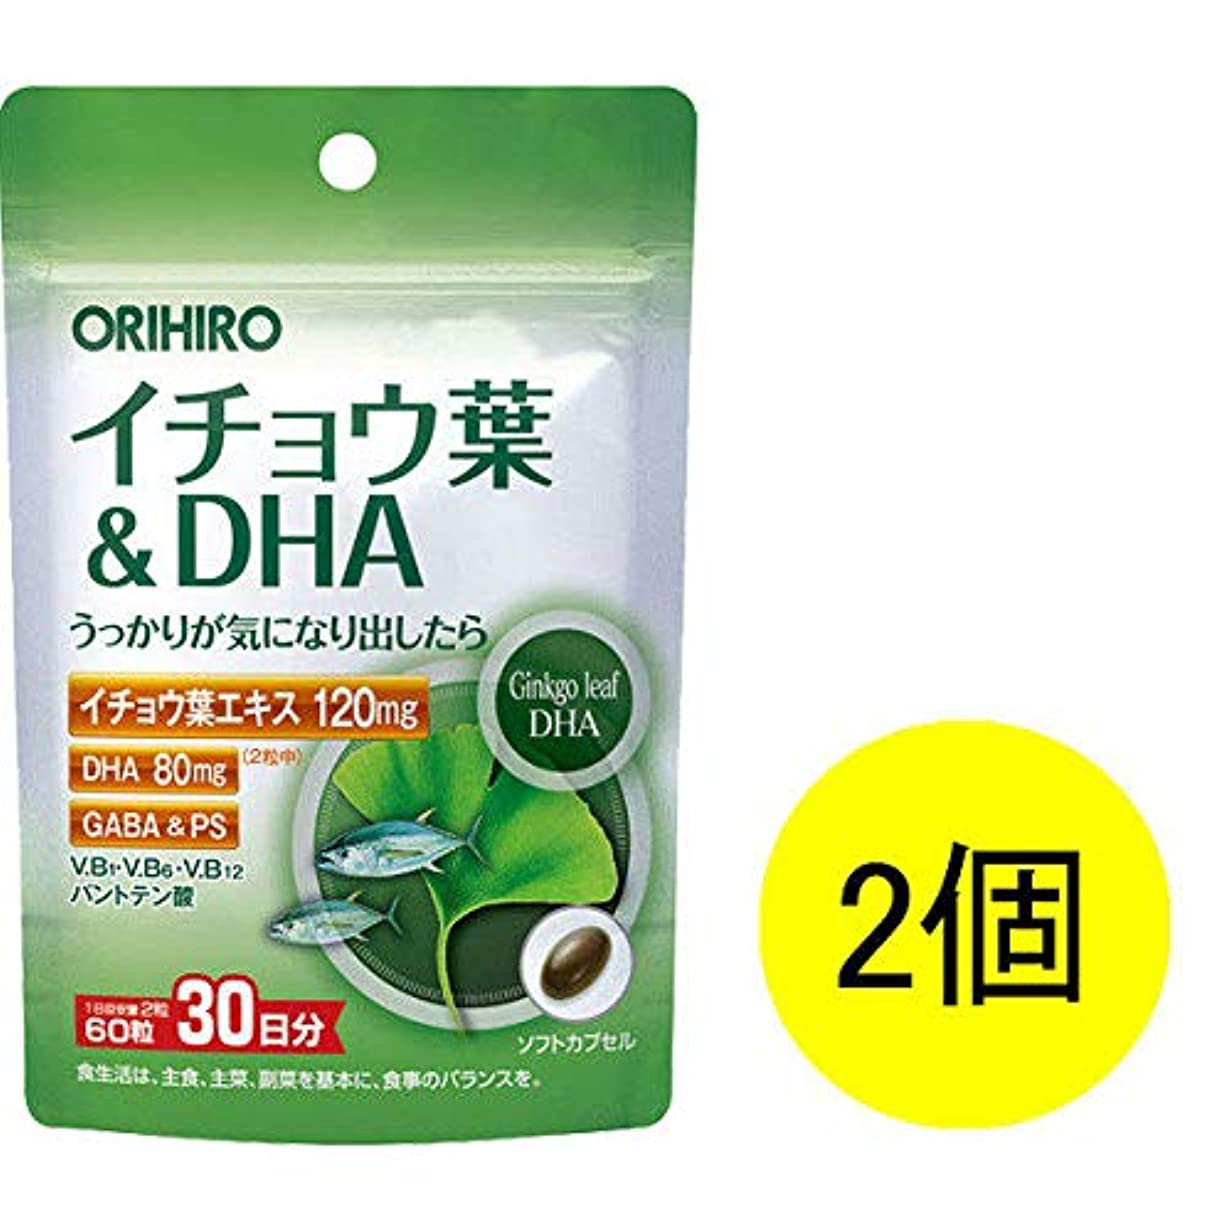 シガレットうめき声ストリームPD イチョウ葉&DHA 60粒